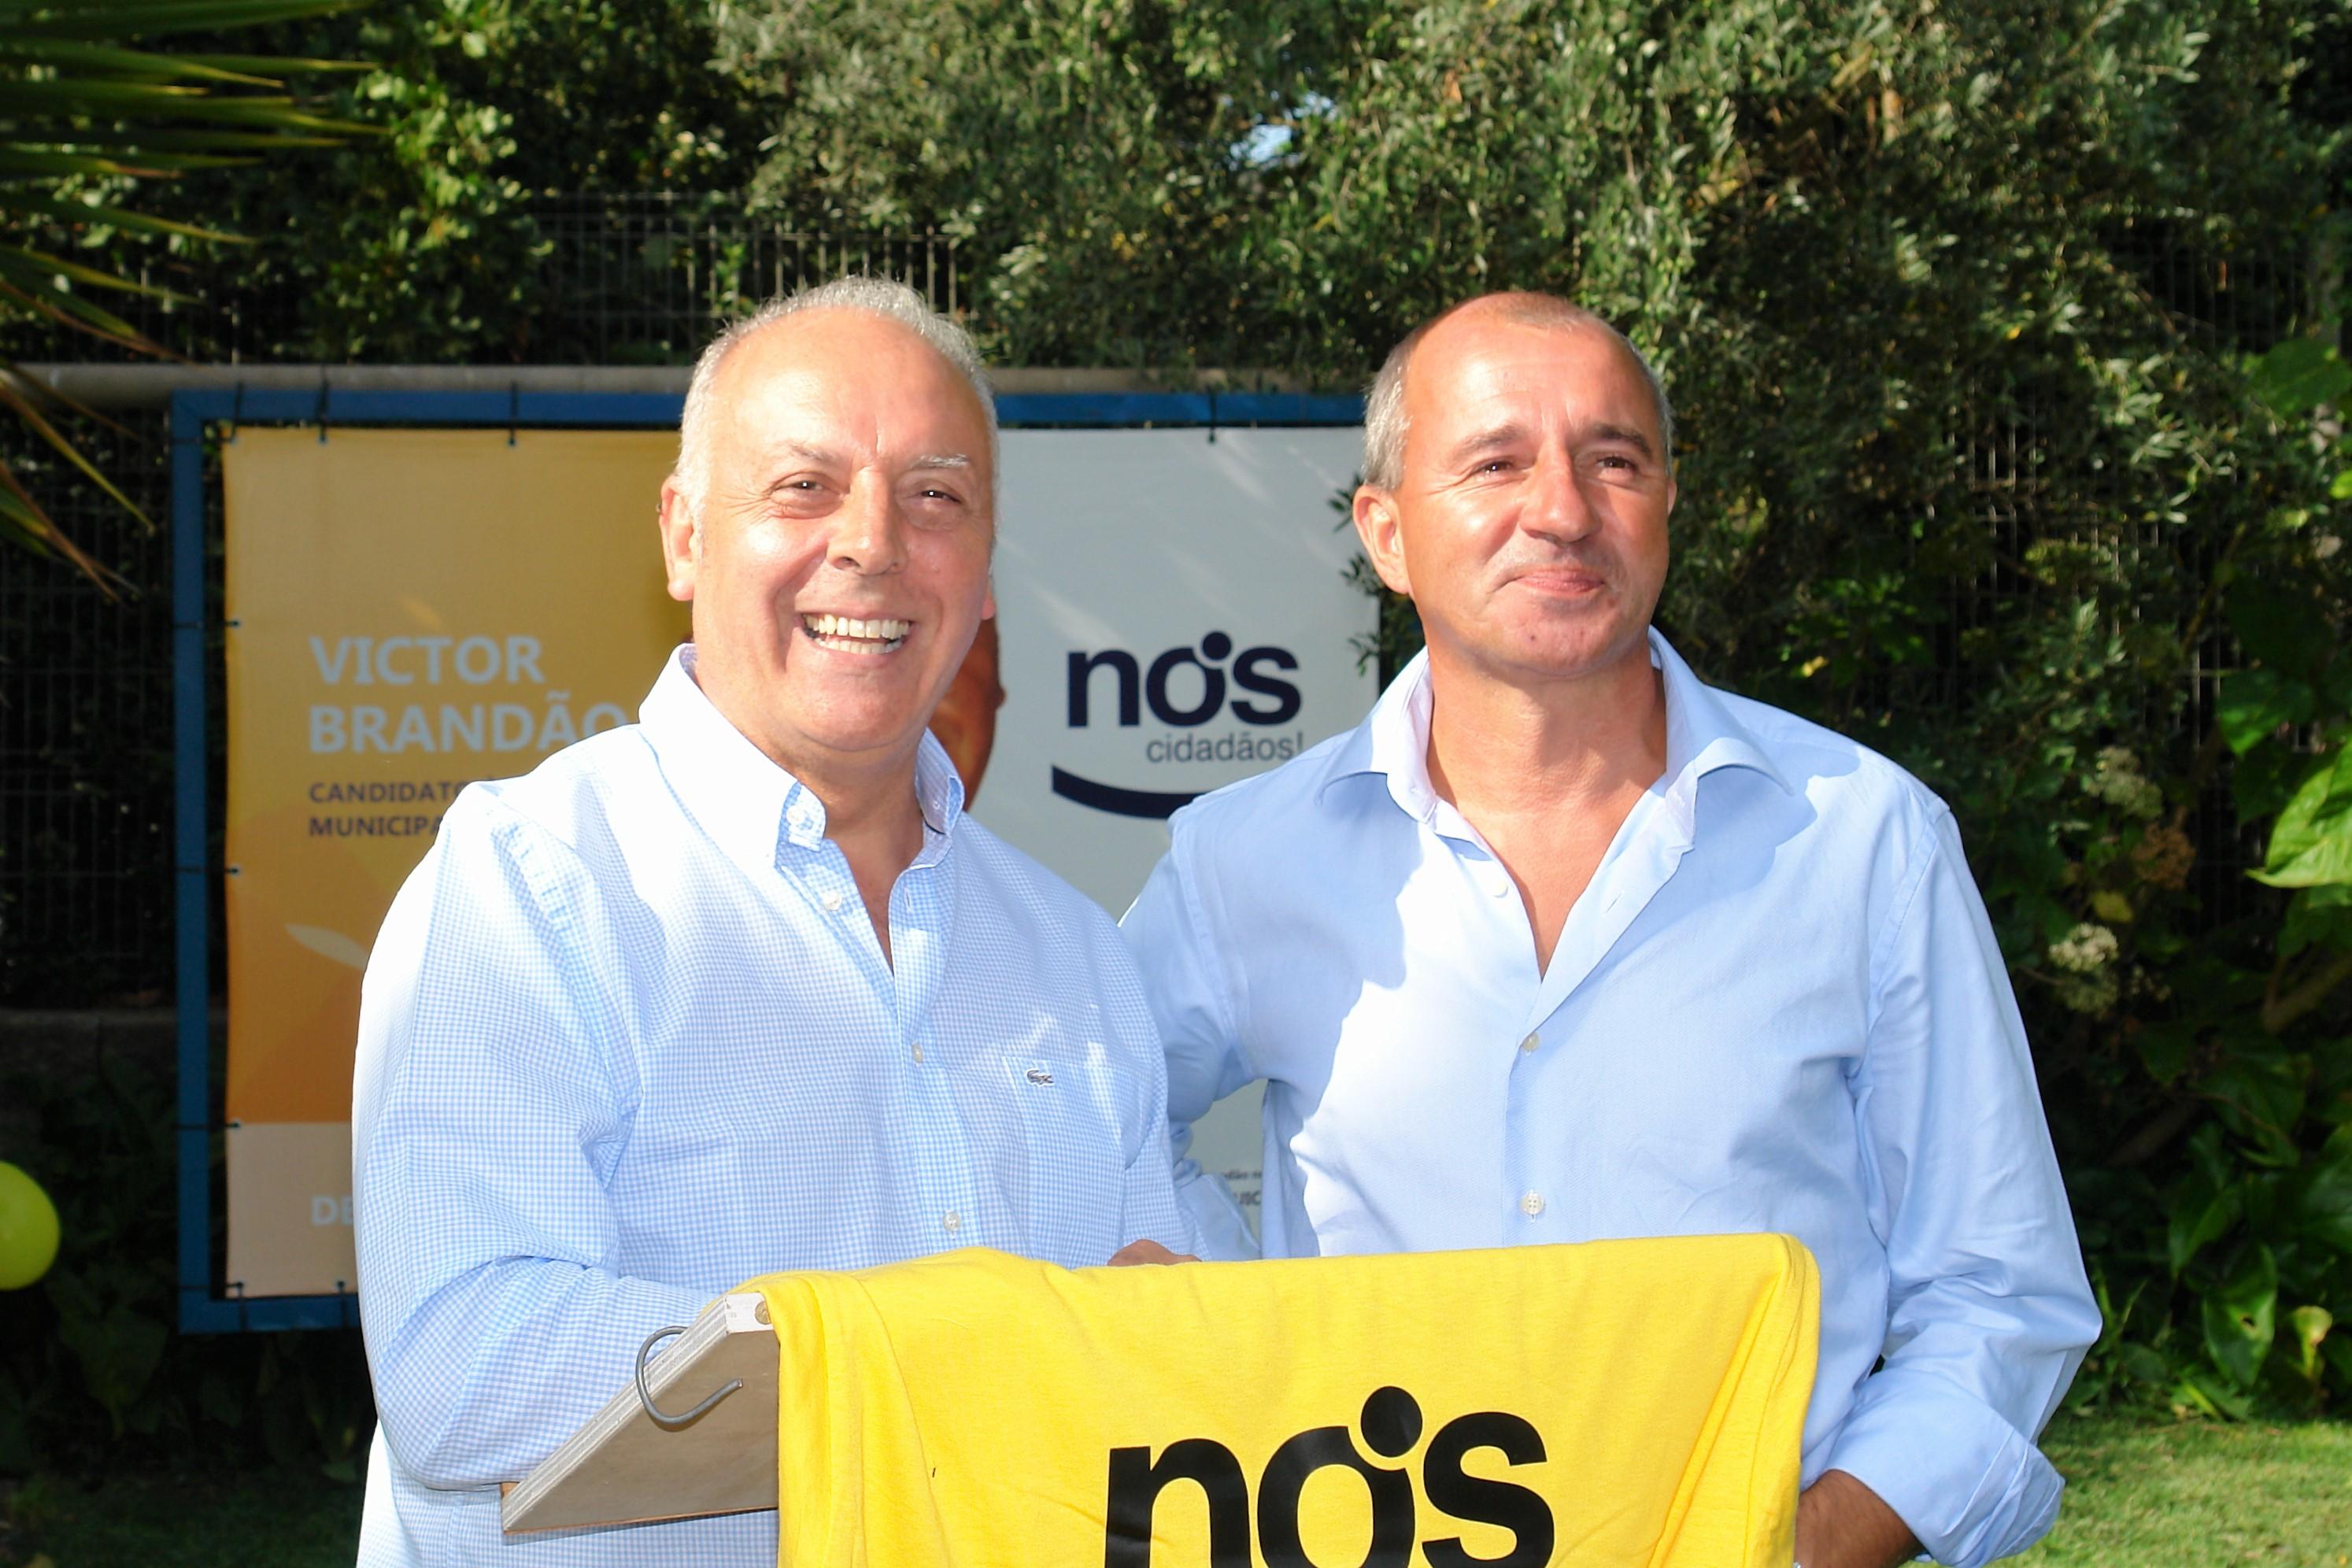 Víctor Brandão assume-se como alternativa face à falta de qualidade dos outros candidatos à presidência da Câmara